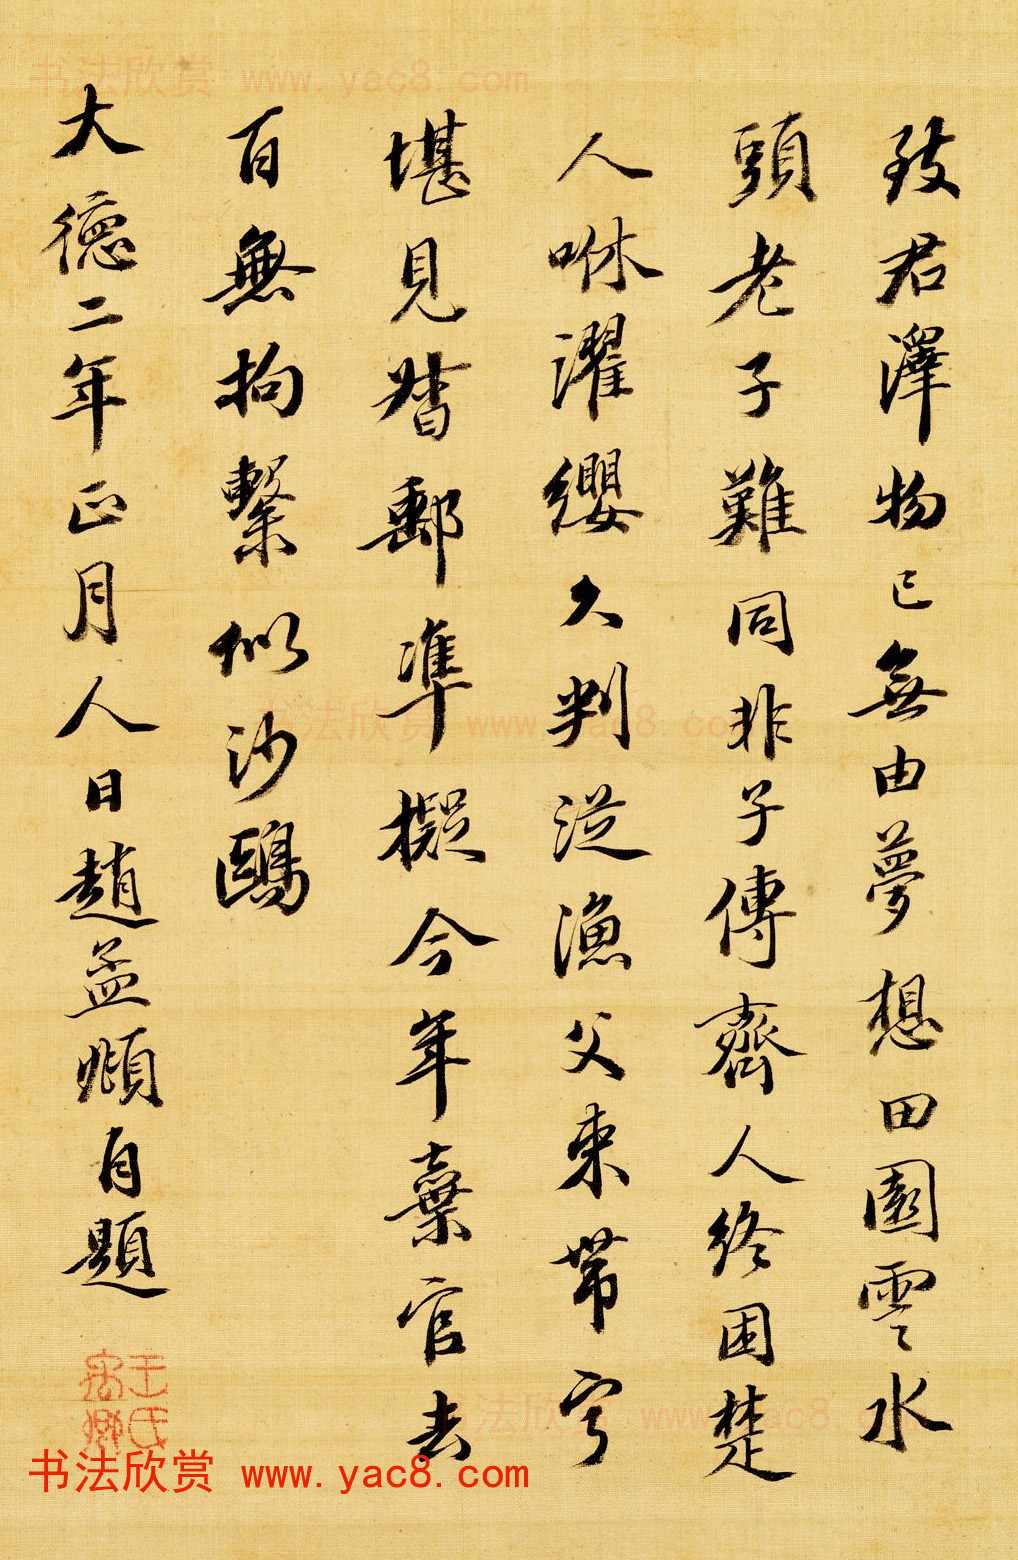 赵孟頫自画像《元赵文敏公像》